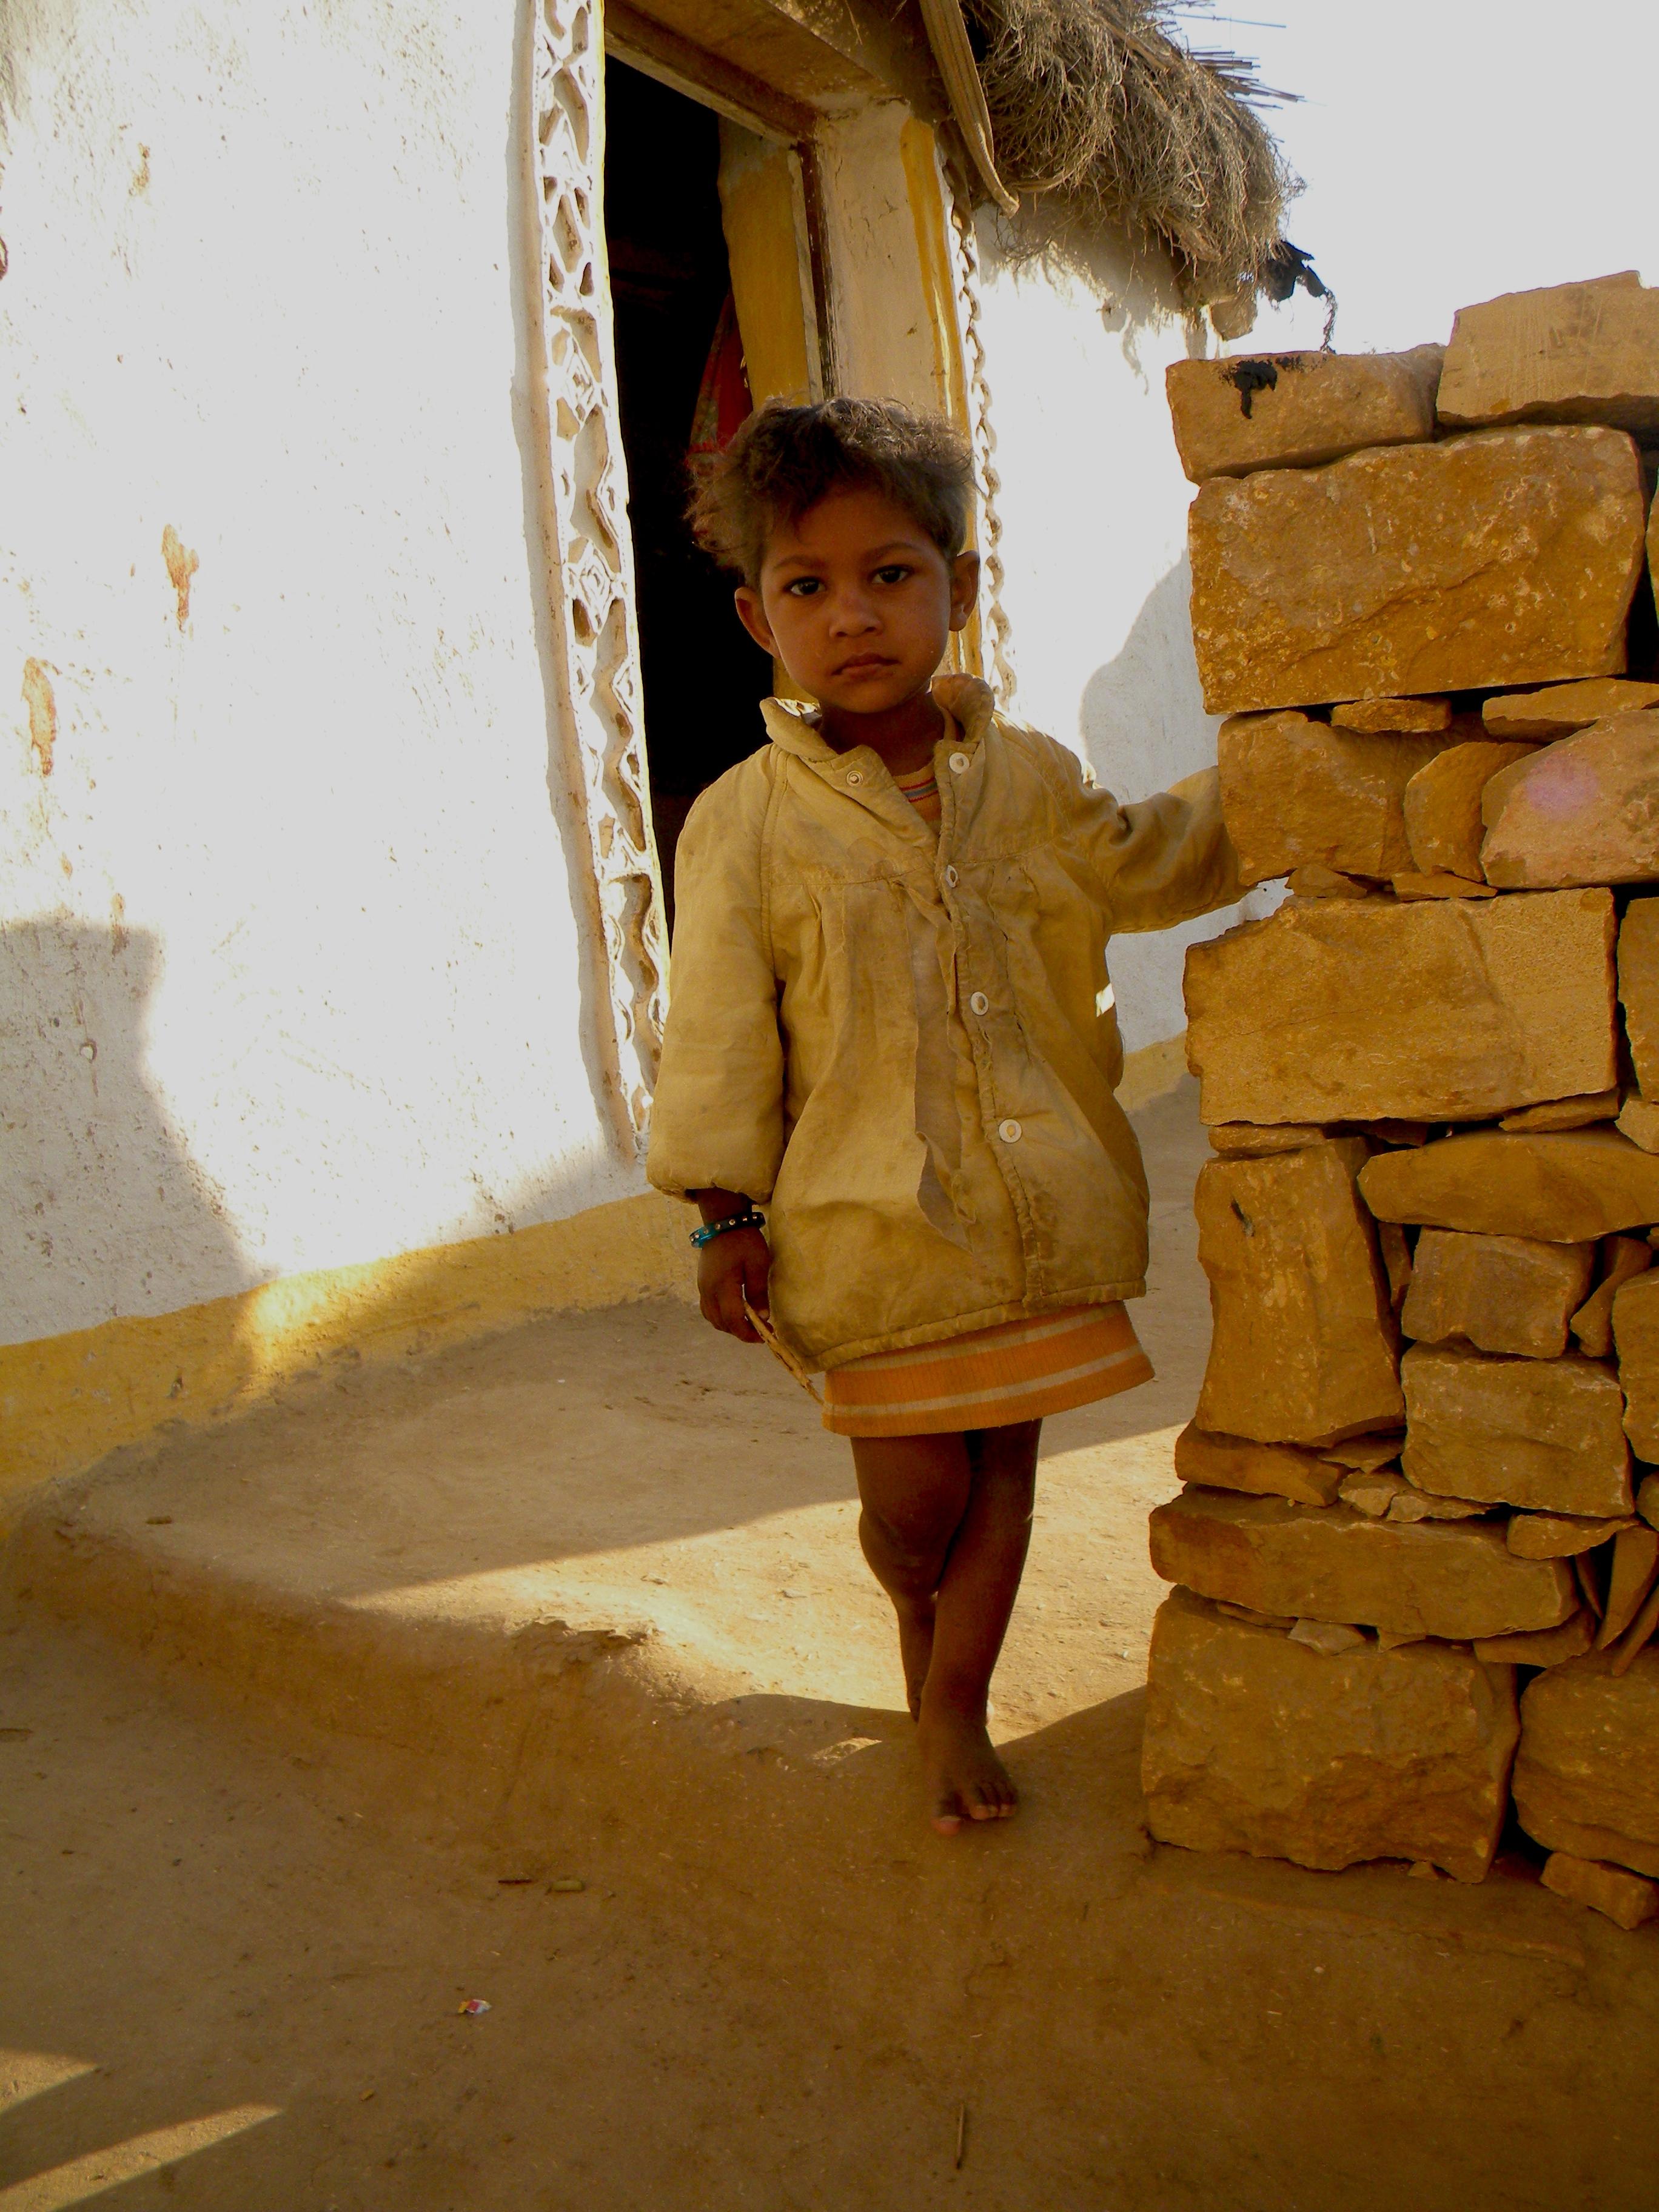 Child, India 2010